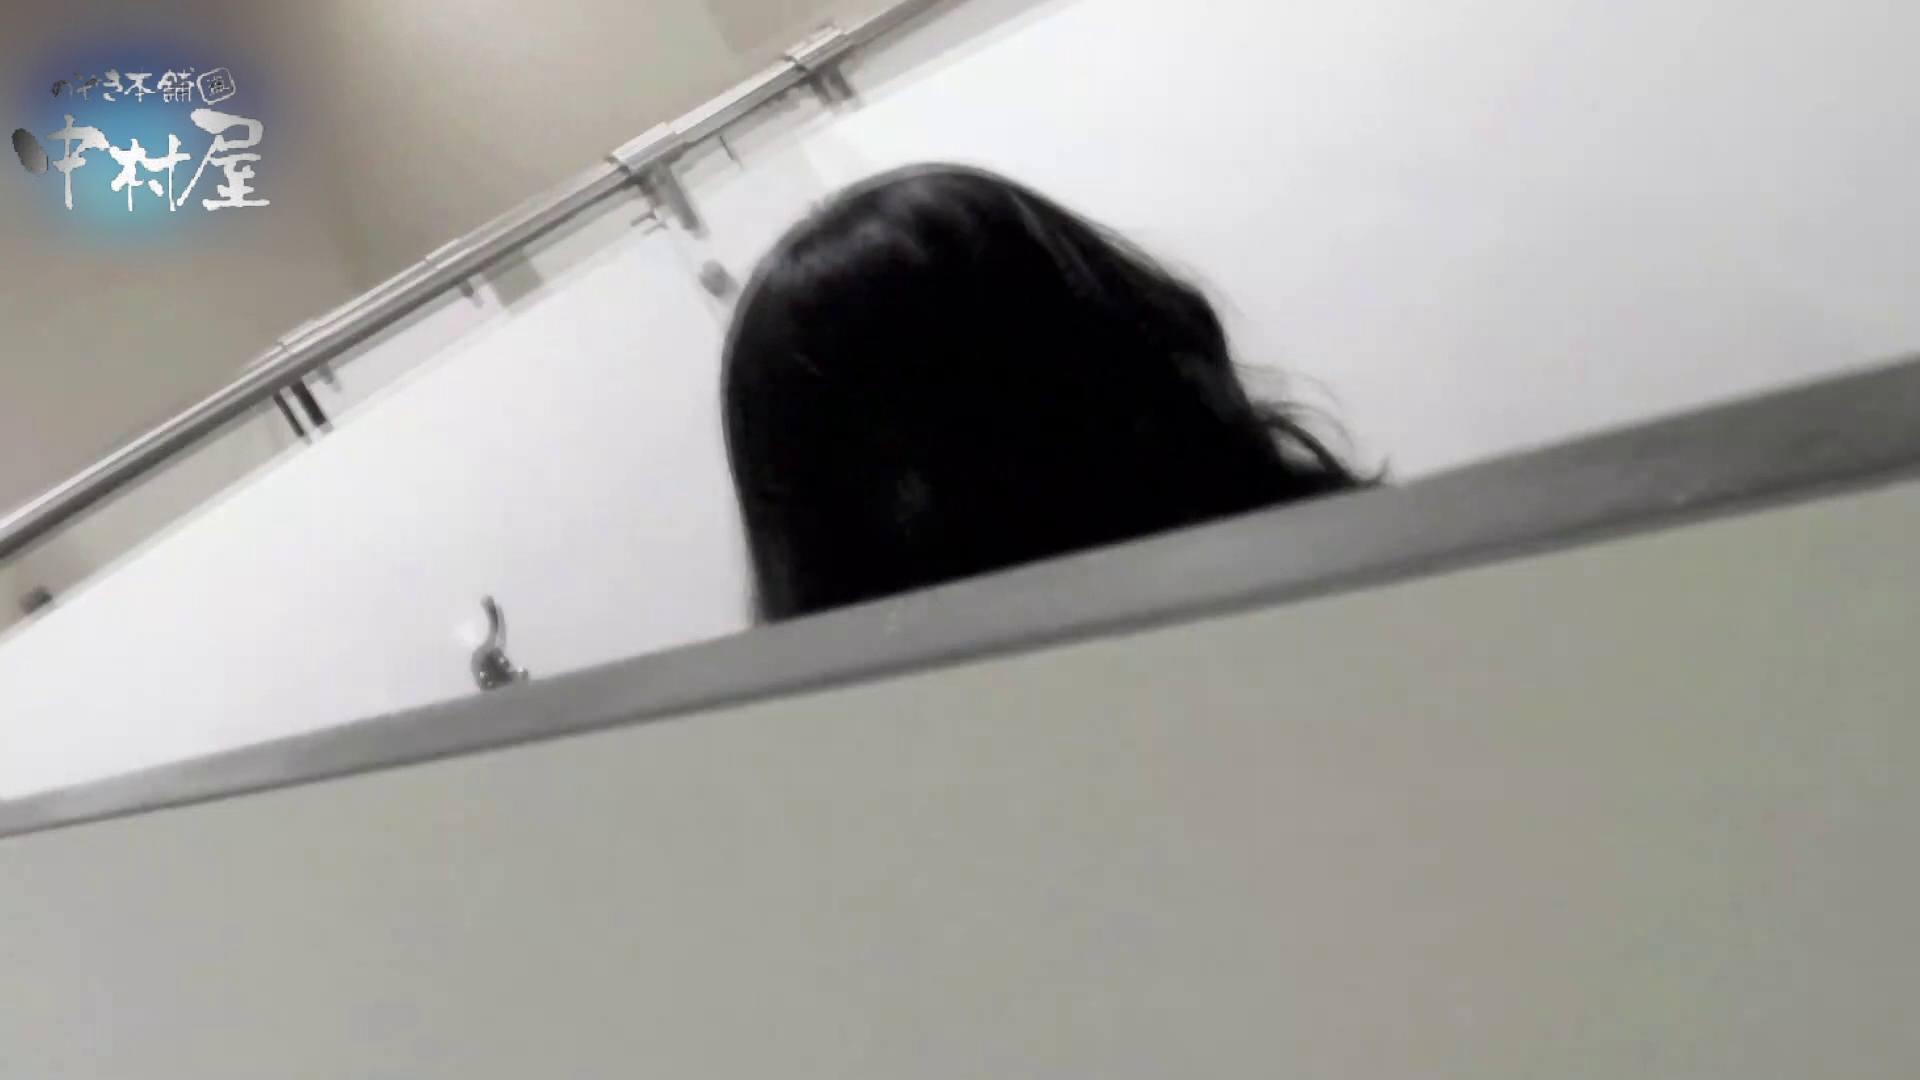 乙女集まる!ショッピングモール潜入撮vol.05 和式 隠し撮りすけべAV動画紹介 109PICs 65